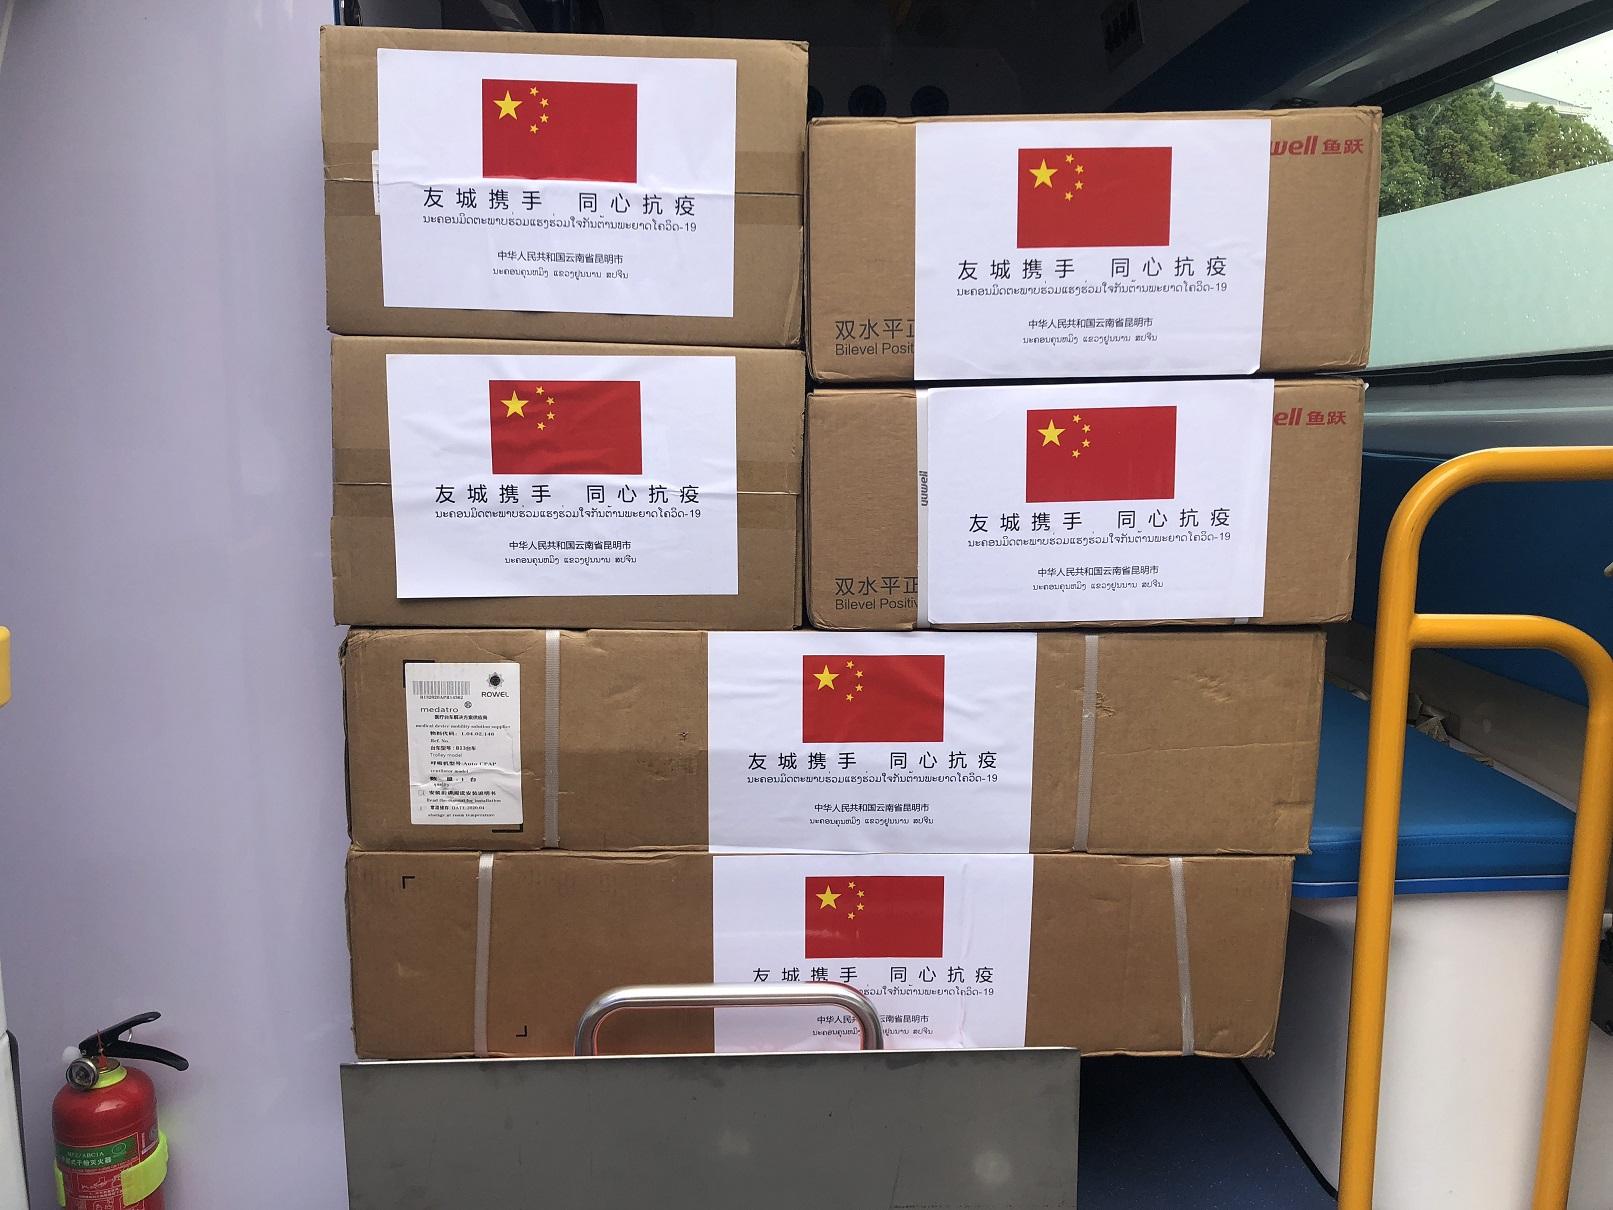 云南省昆明市向老挝万象市和琅勃拉邦省捐赠医疗物资 总价值93万元左右